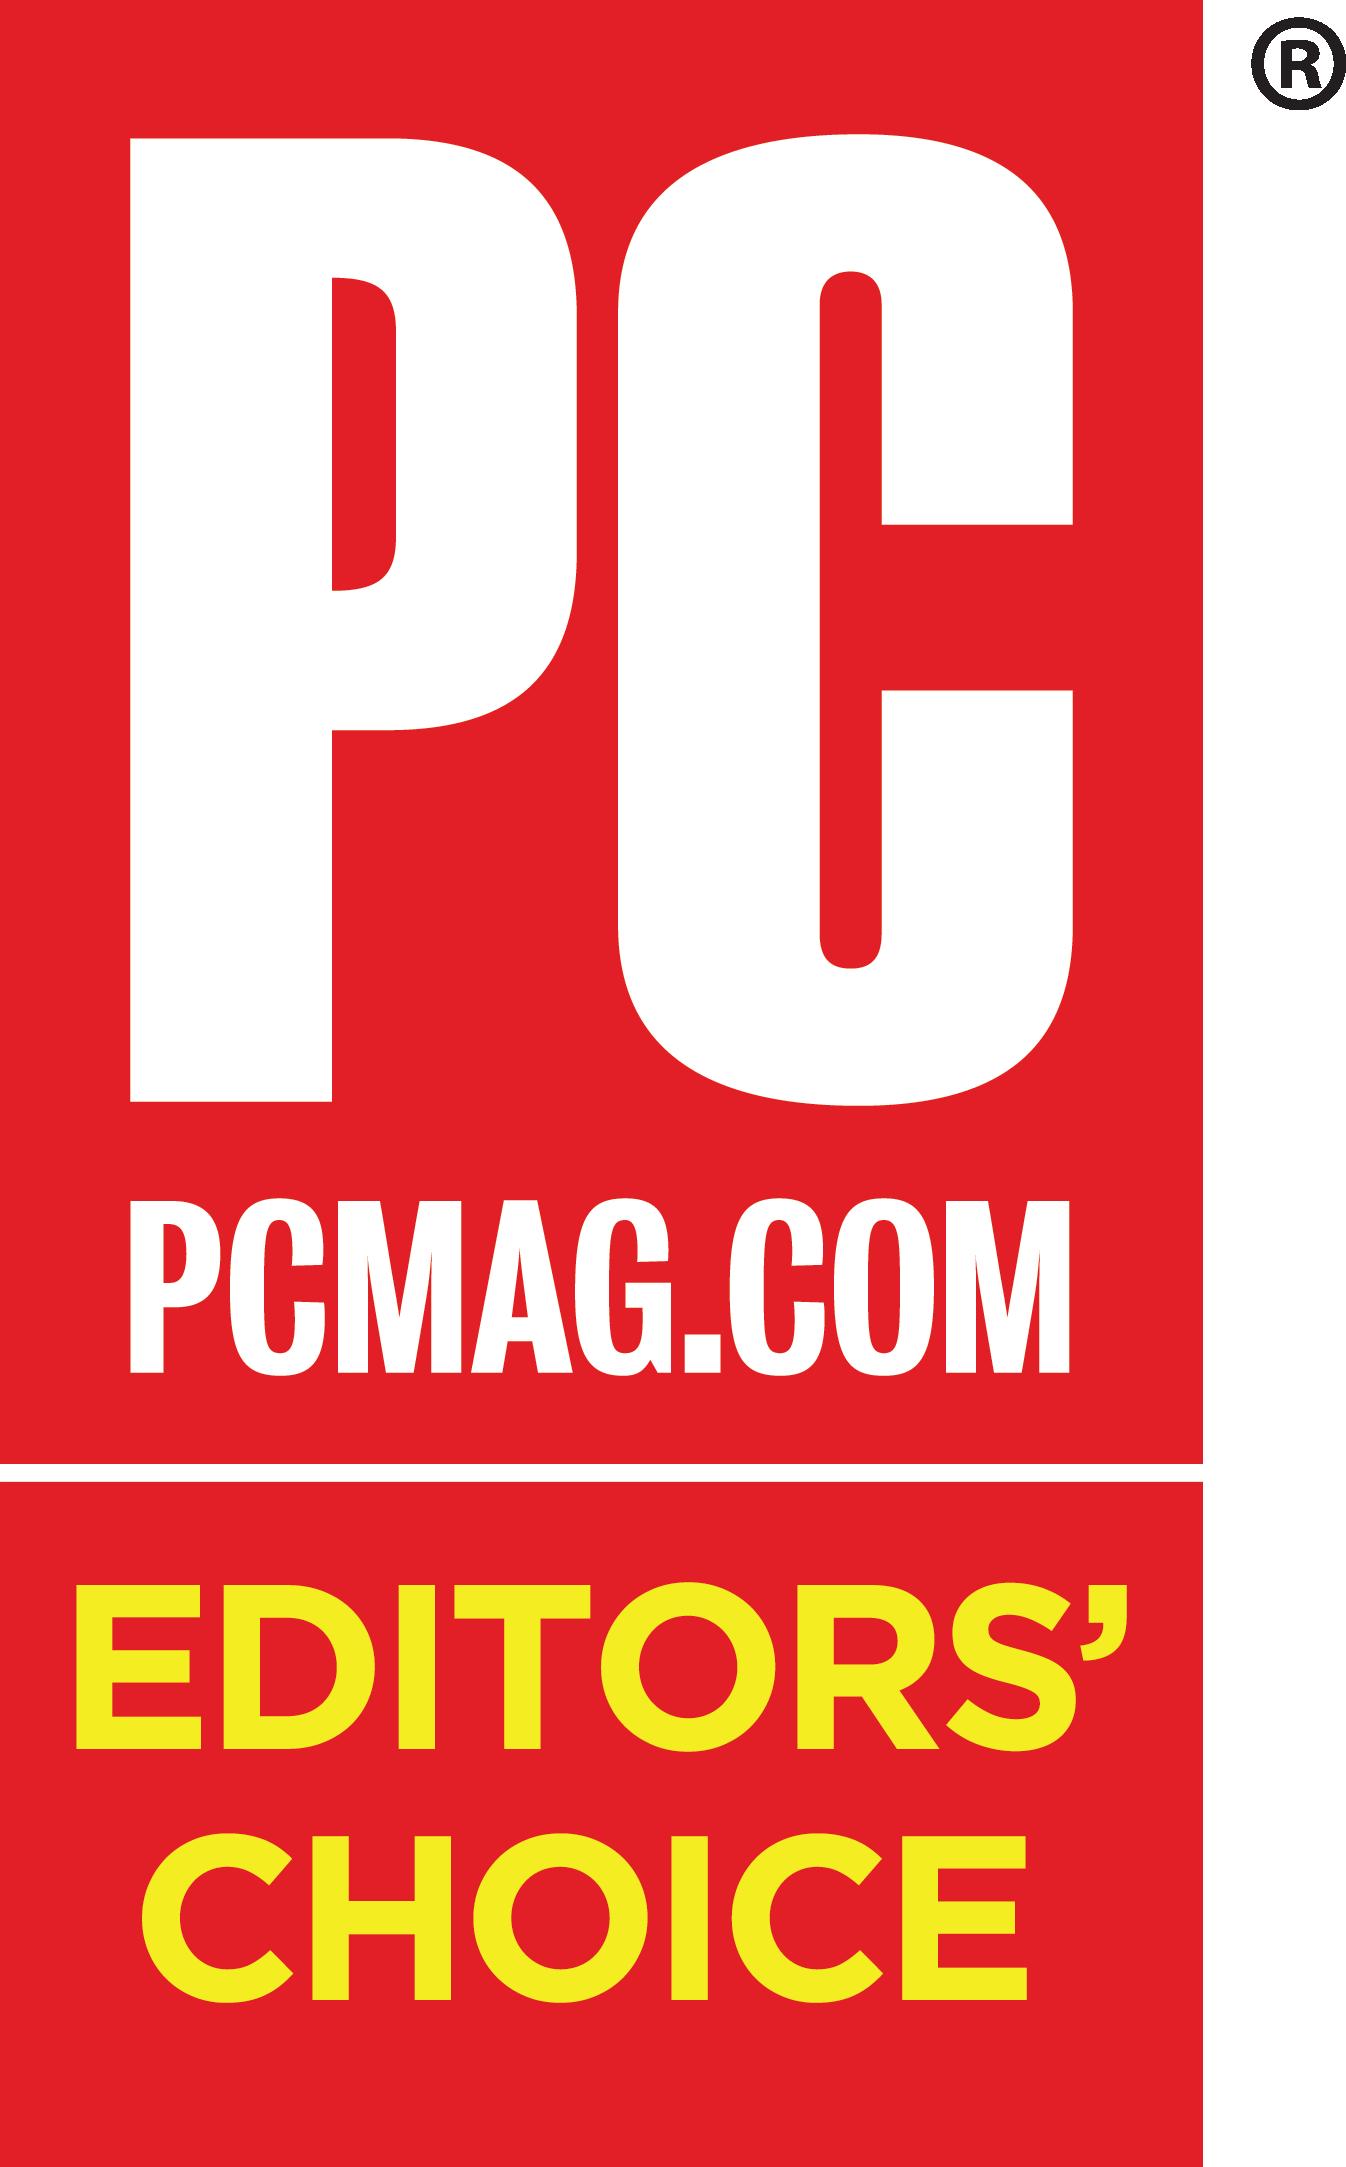 PCMag's Editors Choice